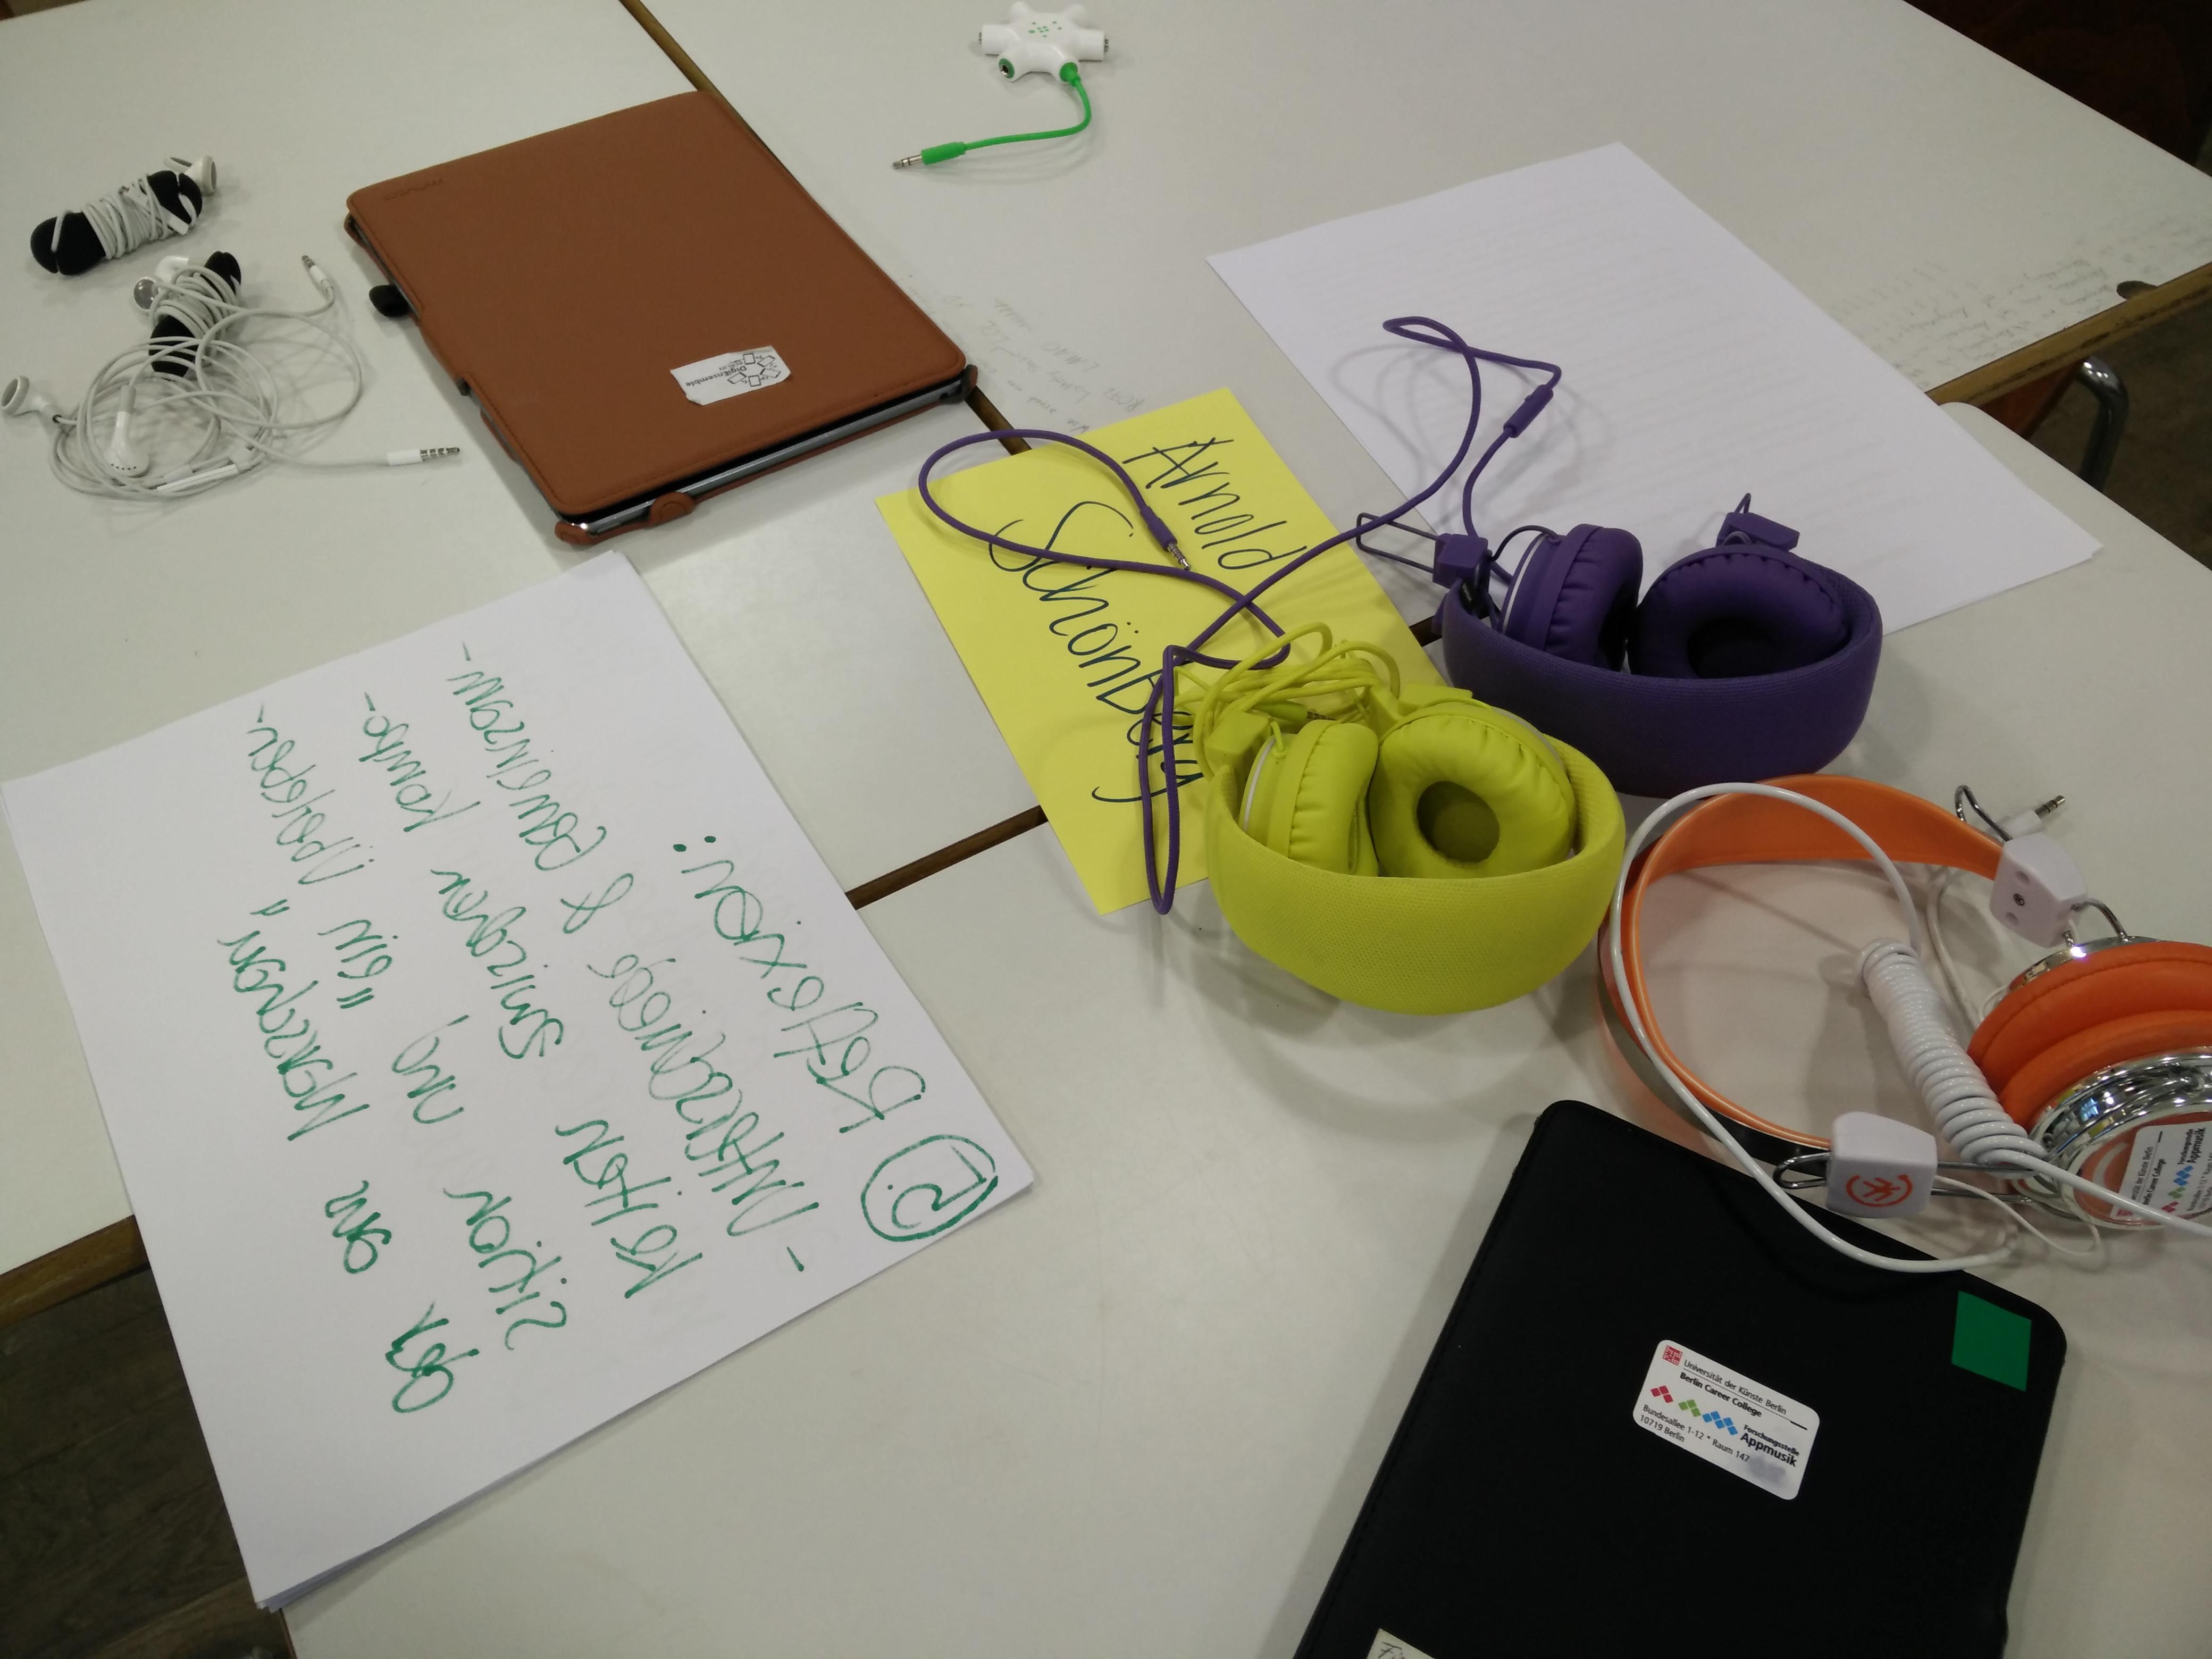 Unterrichtsstunde zur Zwölftonmusik. Arbeitsgeräte für die Gruppenarbeit vorbereitet (Foto: Judith Seipold).